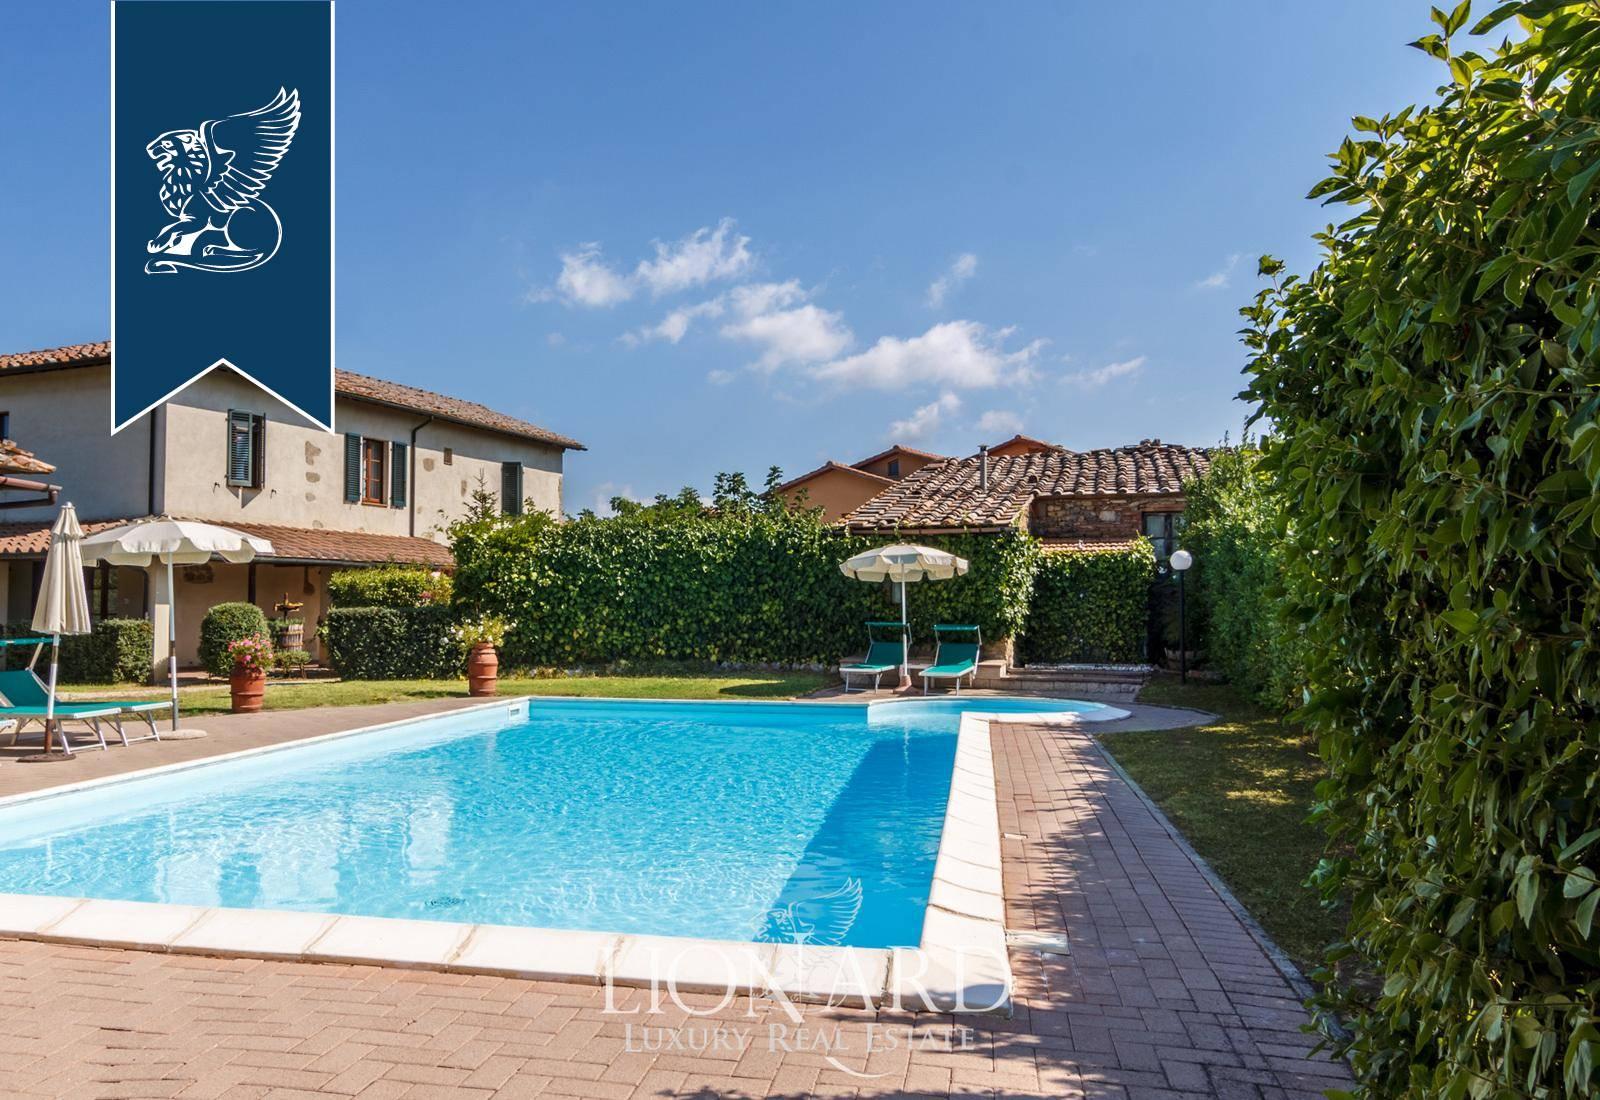 Villa in Vendita a San Gimignano: 0 locali, 900 mq - Foto 7